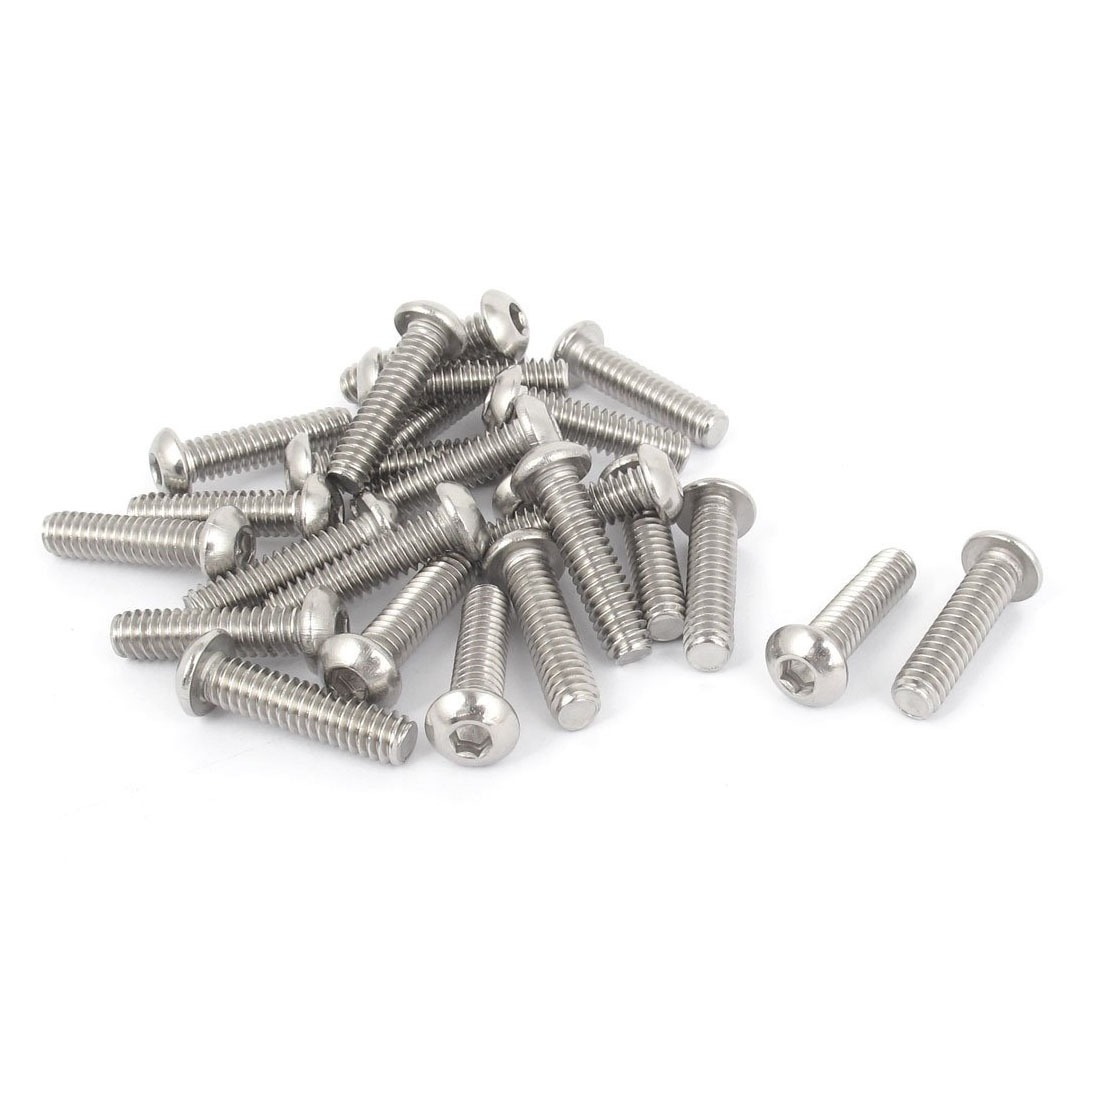 1/4 Inch-20x1 Inch Hex Socket Button Head Bolts Screws 25 Pcs ksol m6 x 70mm threaded 1mm pitch hex socket head cap screws bolts 5 pcs